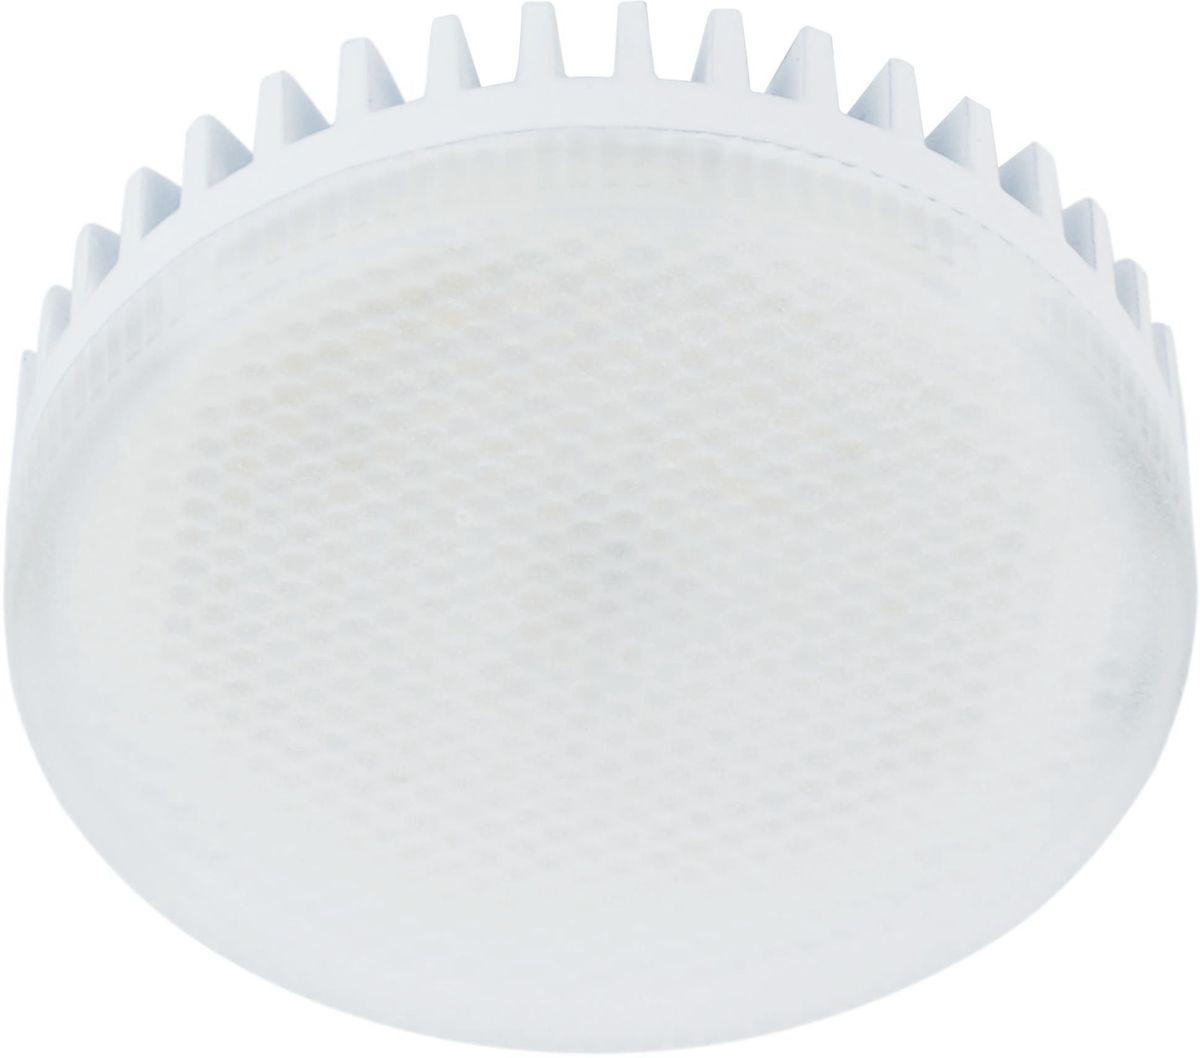 Лампа светодиодная REV, теплый свет, цоколь GX53, 10W. 32567 3C0044702Энергосберегающая светодиодная лампа REV используется как в бытовых осветительных приборах, так и для освещения общественных и служебных помещений. Потребляемая мощность энергосберегающих ламп в 5-10 раз ниже, чем у обычных ламп накаливания при той же интенсивности свечения. Энергосберегающая светодиодная лампа в форме шайбы теплого свечения. Интенсивность свечения аналогична обычной лампе накаливания мощностью 100 Вт. Срок службы 30 000 часов. Номинальное напряжение 220-240 В.